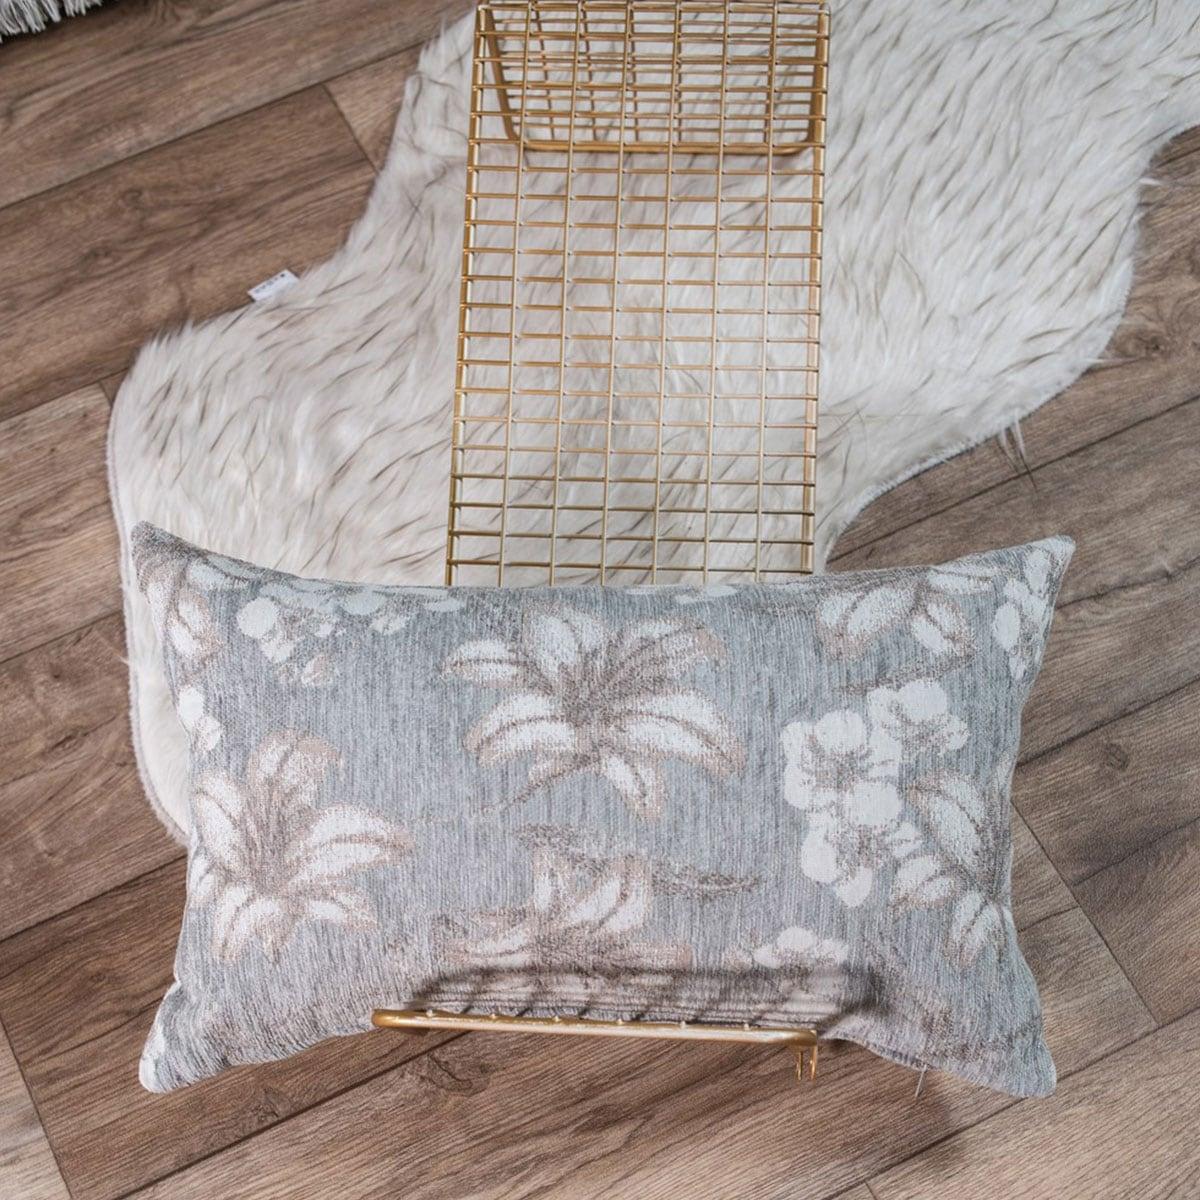 Μαξιλάρι Διακοσμητικό (Με Γέμιση) Louisiana 11 Light Grey Teoran 30Χ50 Ακρυλικό-Polyester